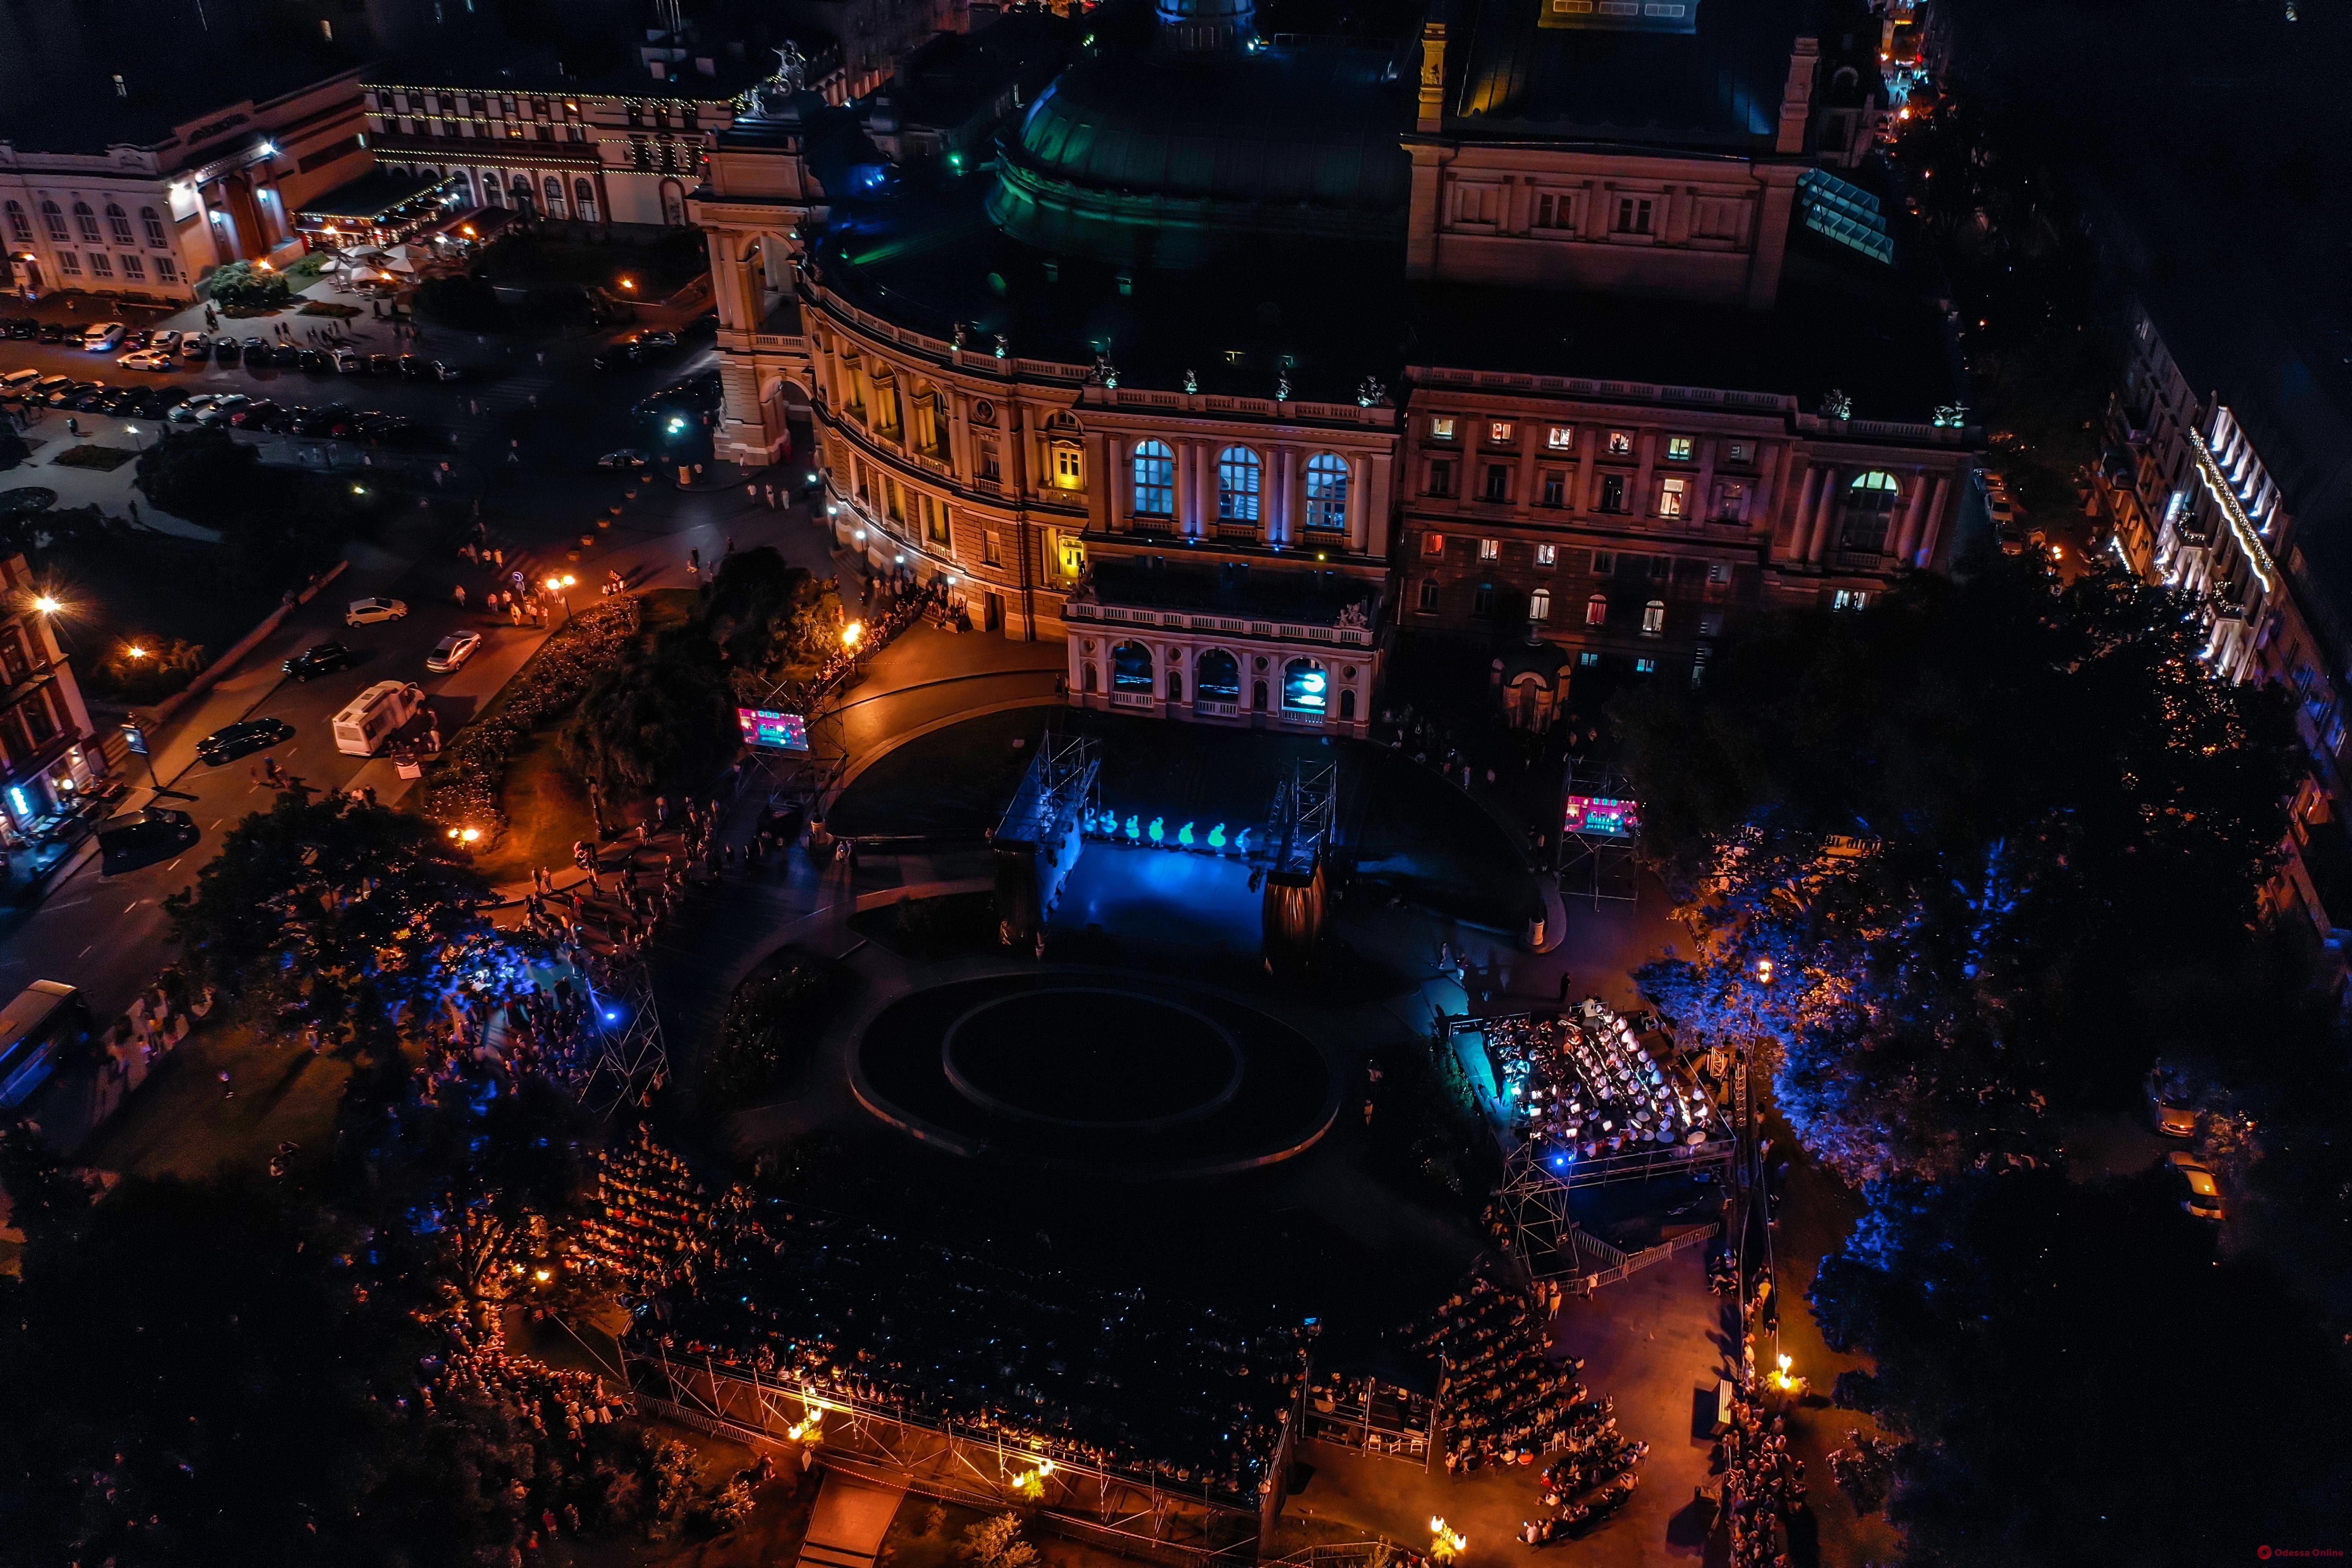 Празднование Дня города: именинница с высоты птичьего полета (фото)